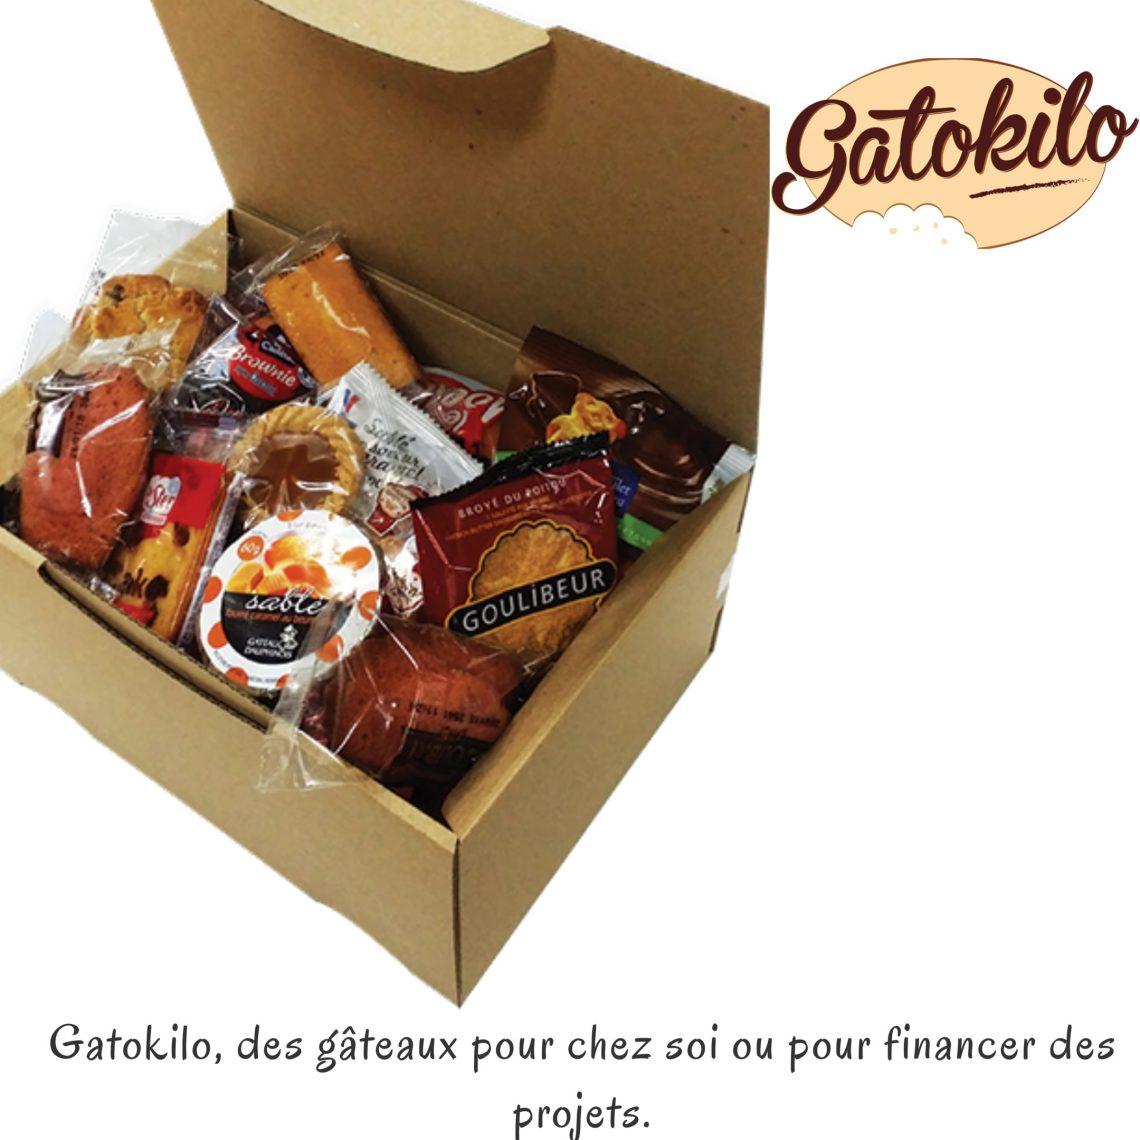 Gatokilo, des gâteaux pour chez soi ou pour financer des projets.